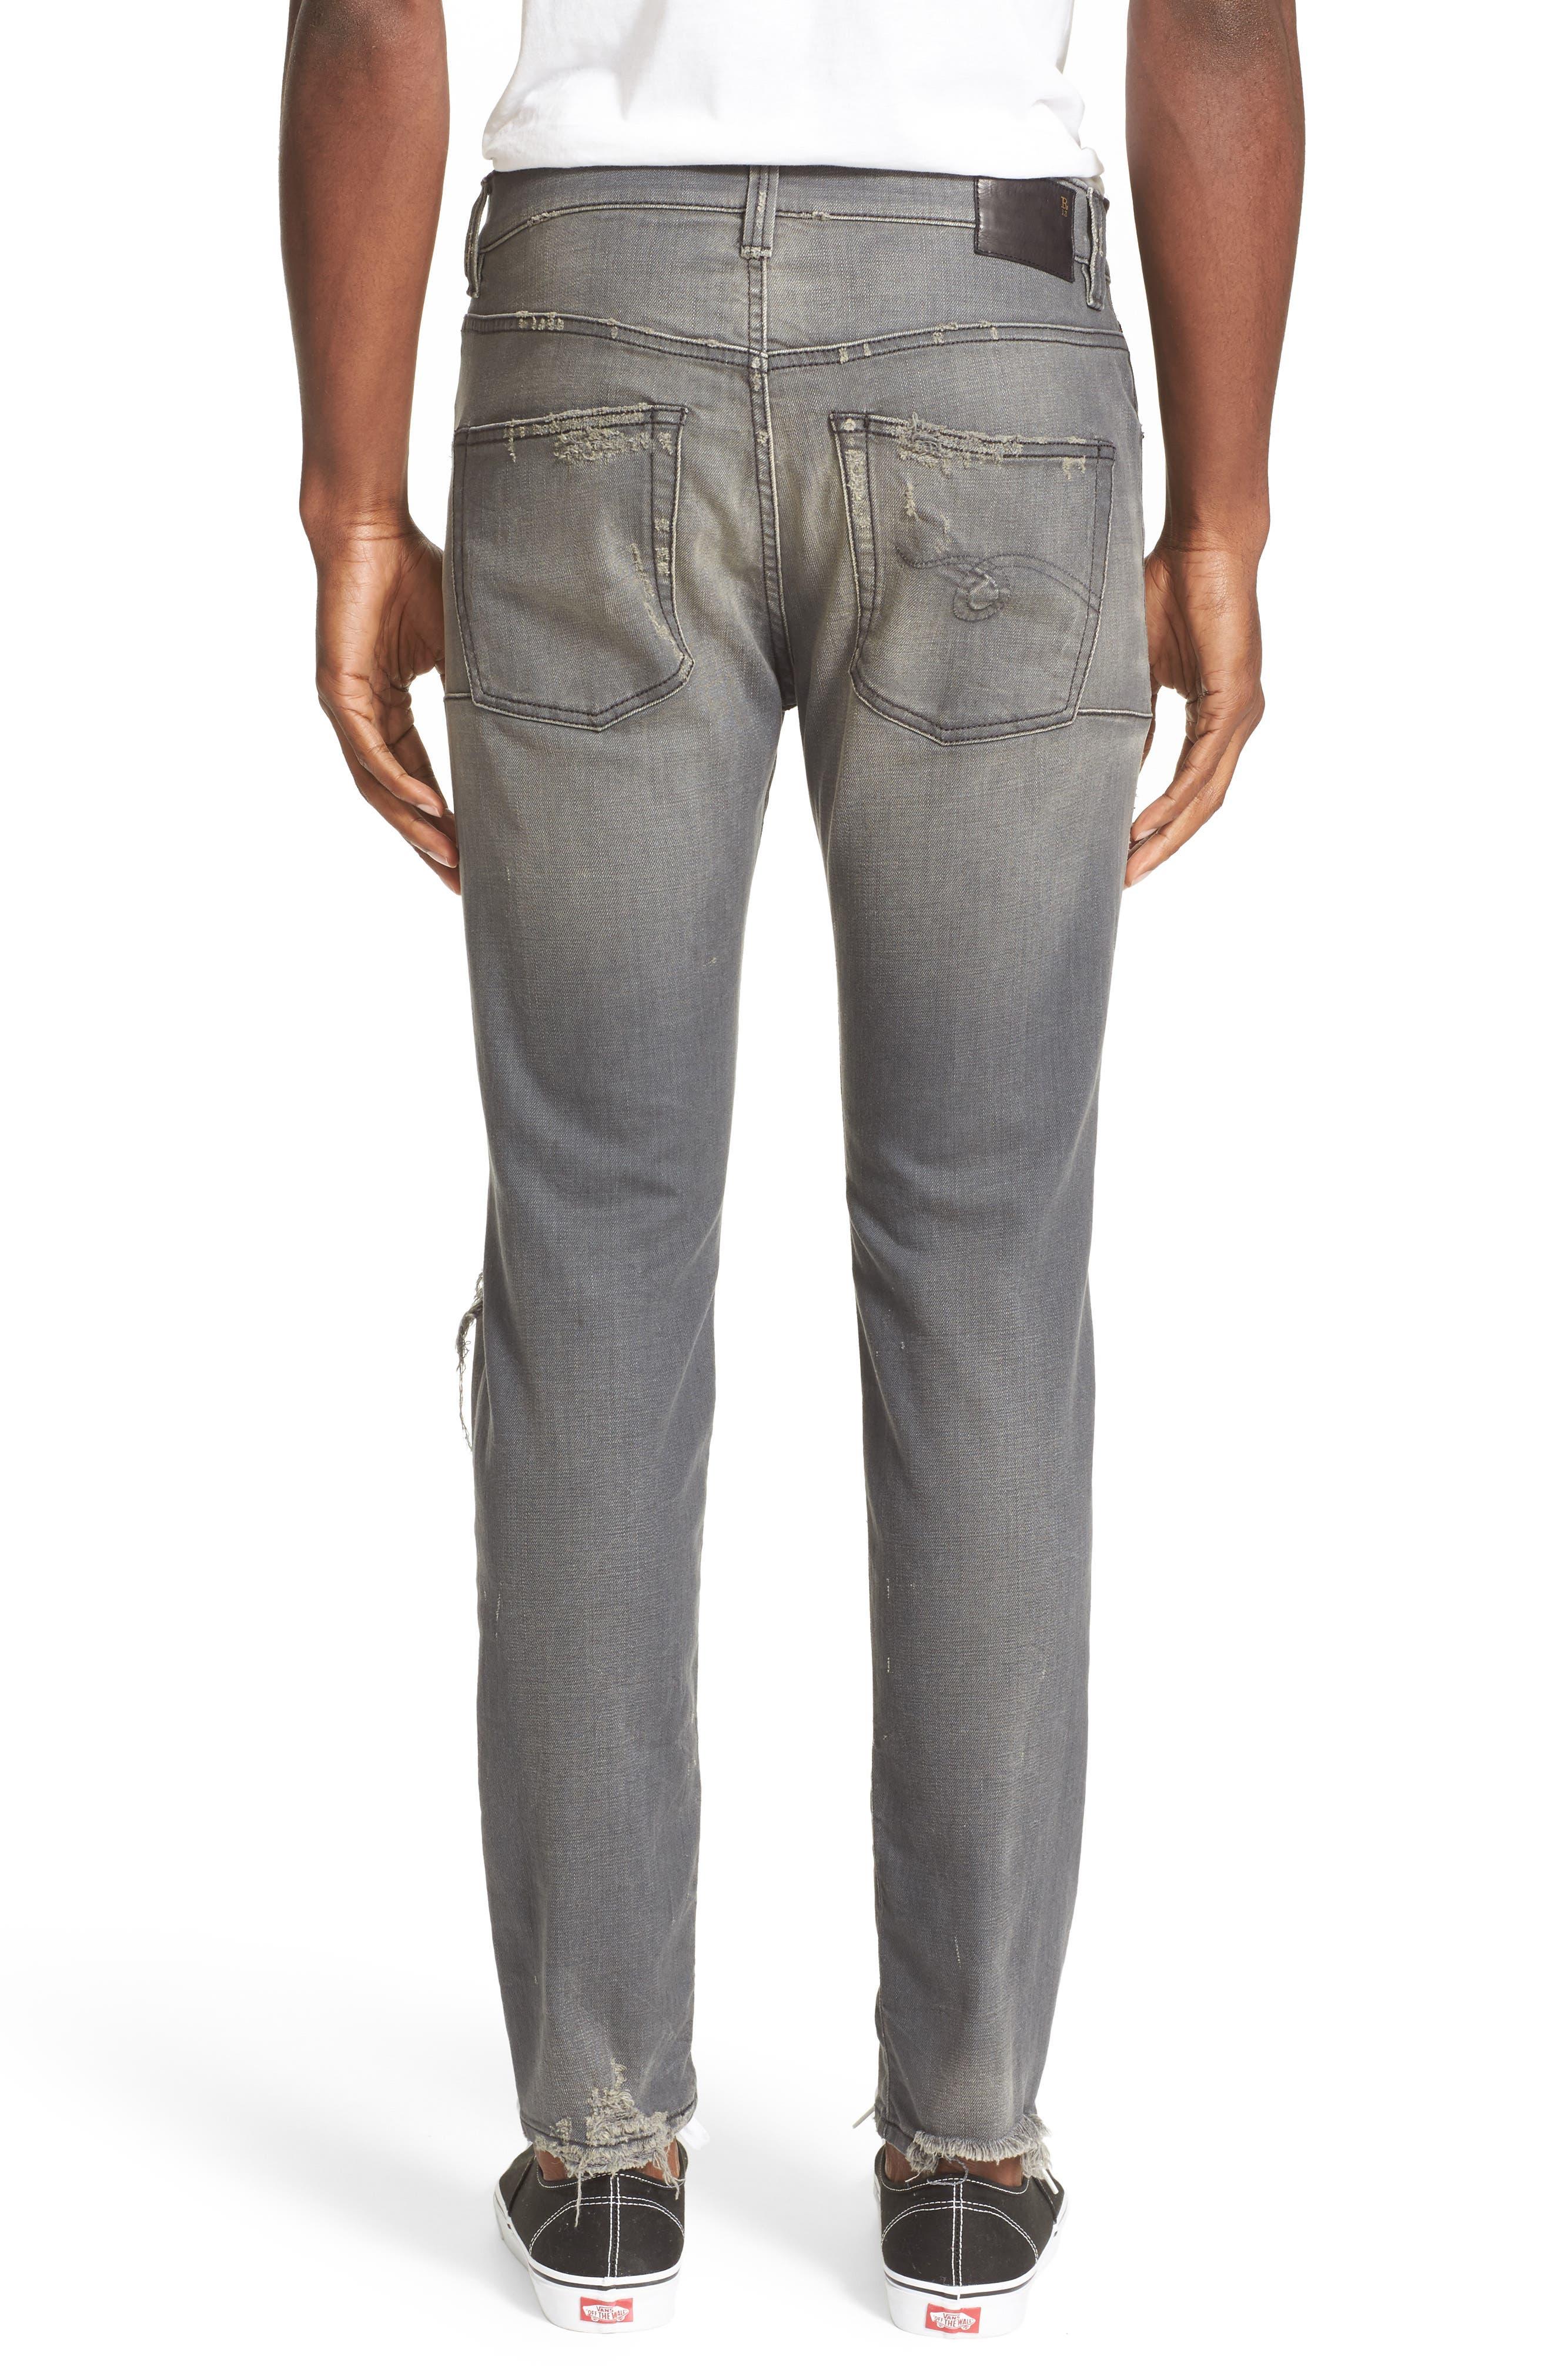 Skate Shredded Skinny Jeans,                             Alternate thumbnail 2, color,                             Grey